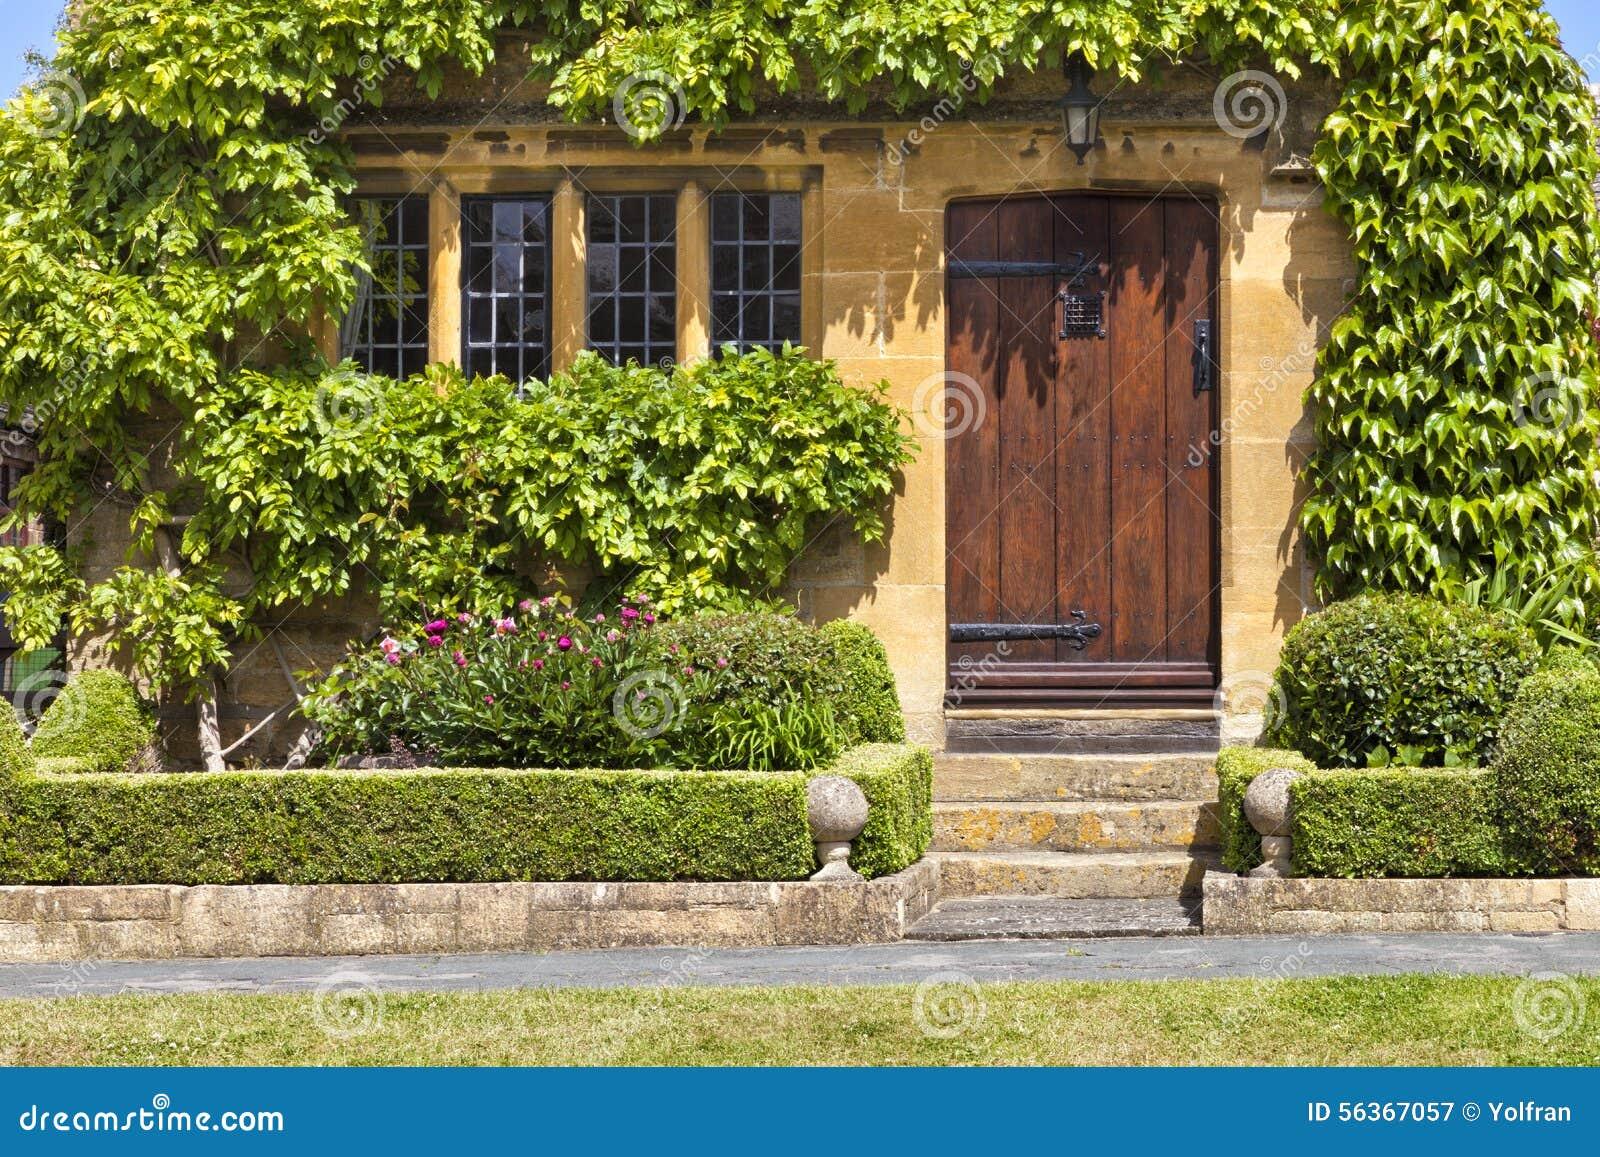 Le porte di legno di brown all 39 inglese tradizionale hanno - Soleggiato in inglese ...